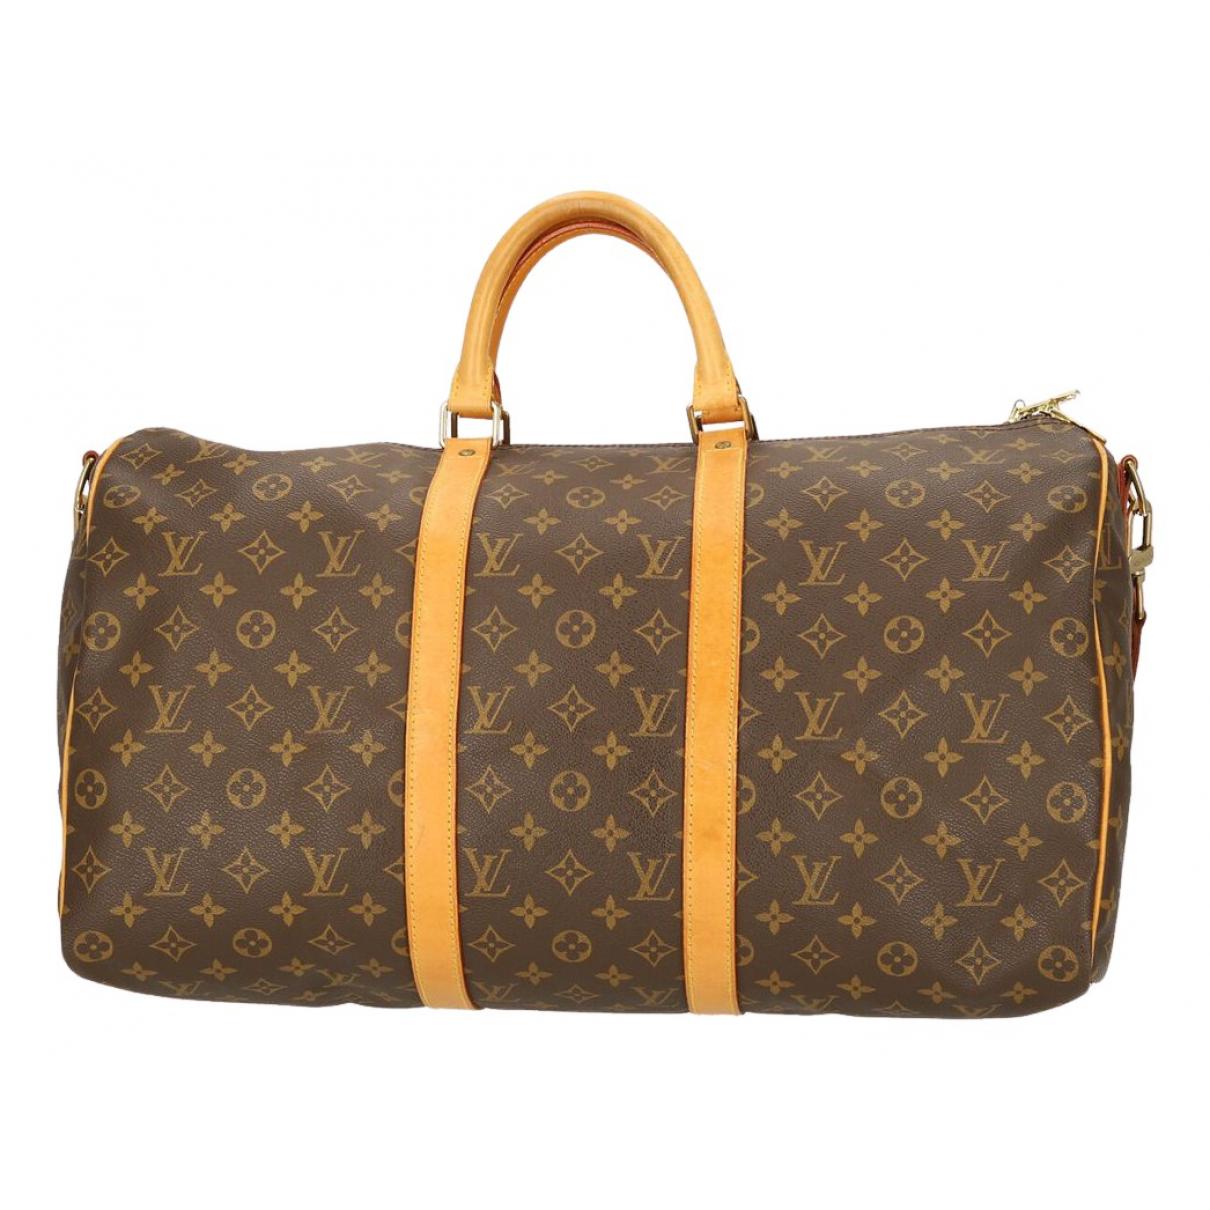 Louis Vuitton - Sac de voyage Keepall pour femme en toile - marron